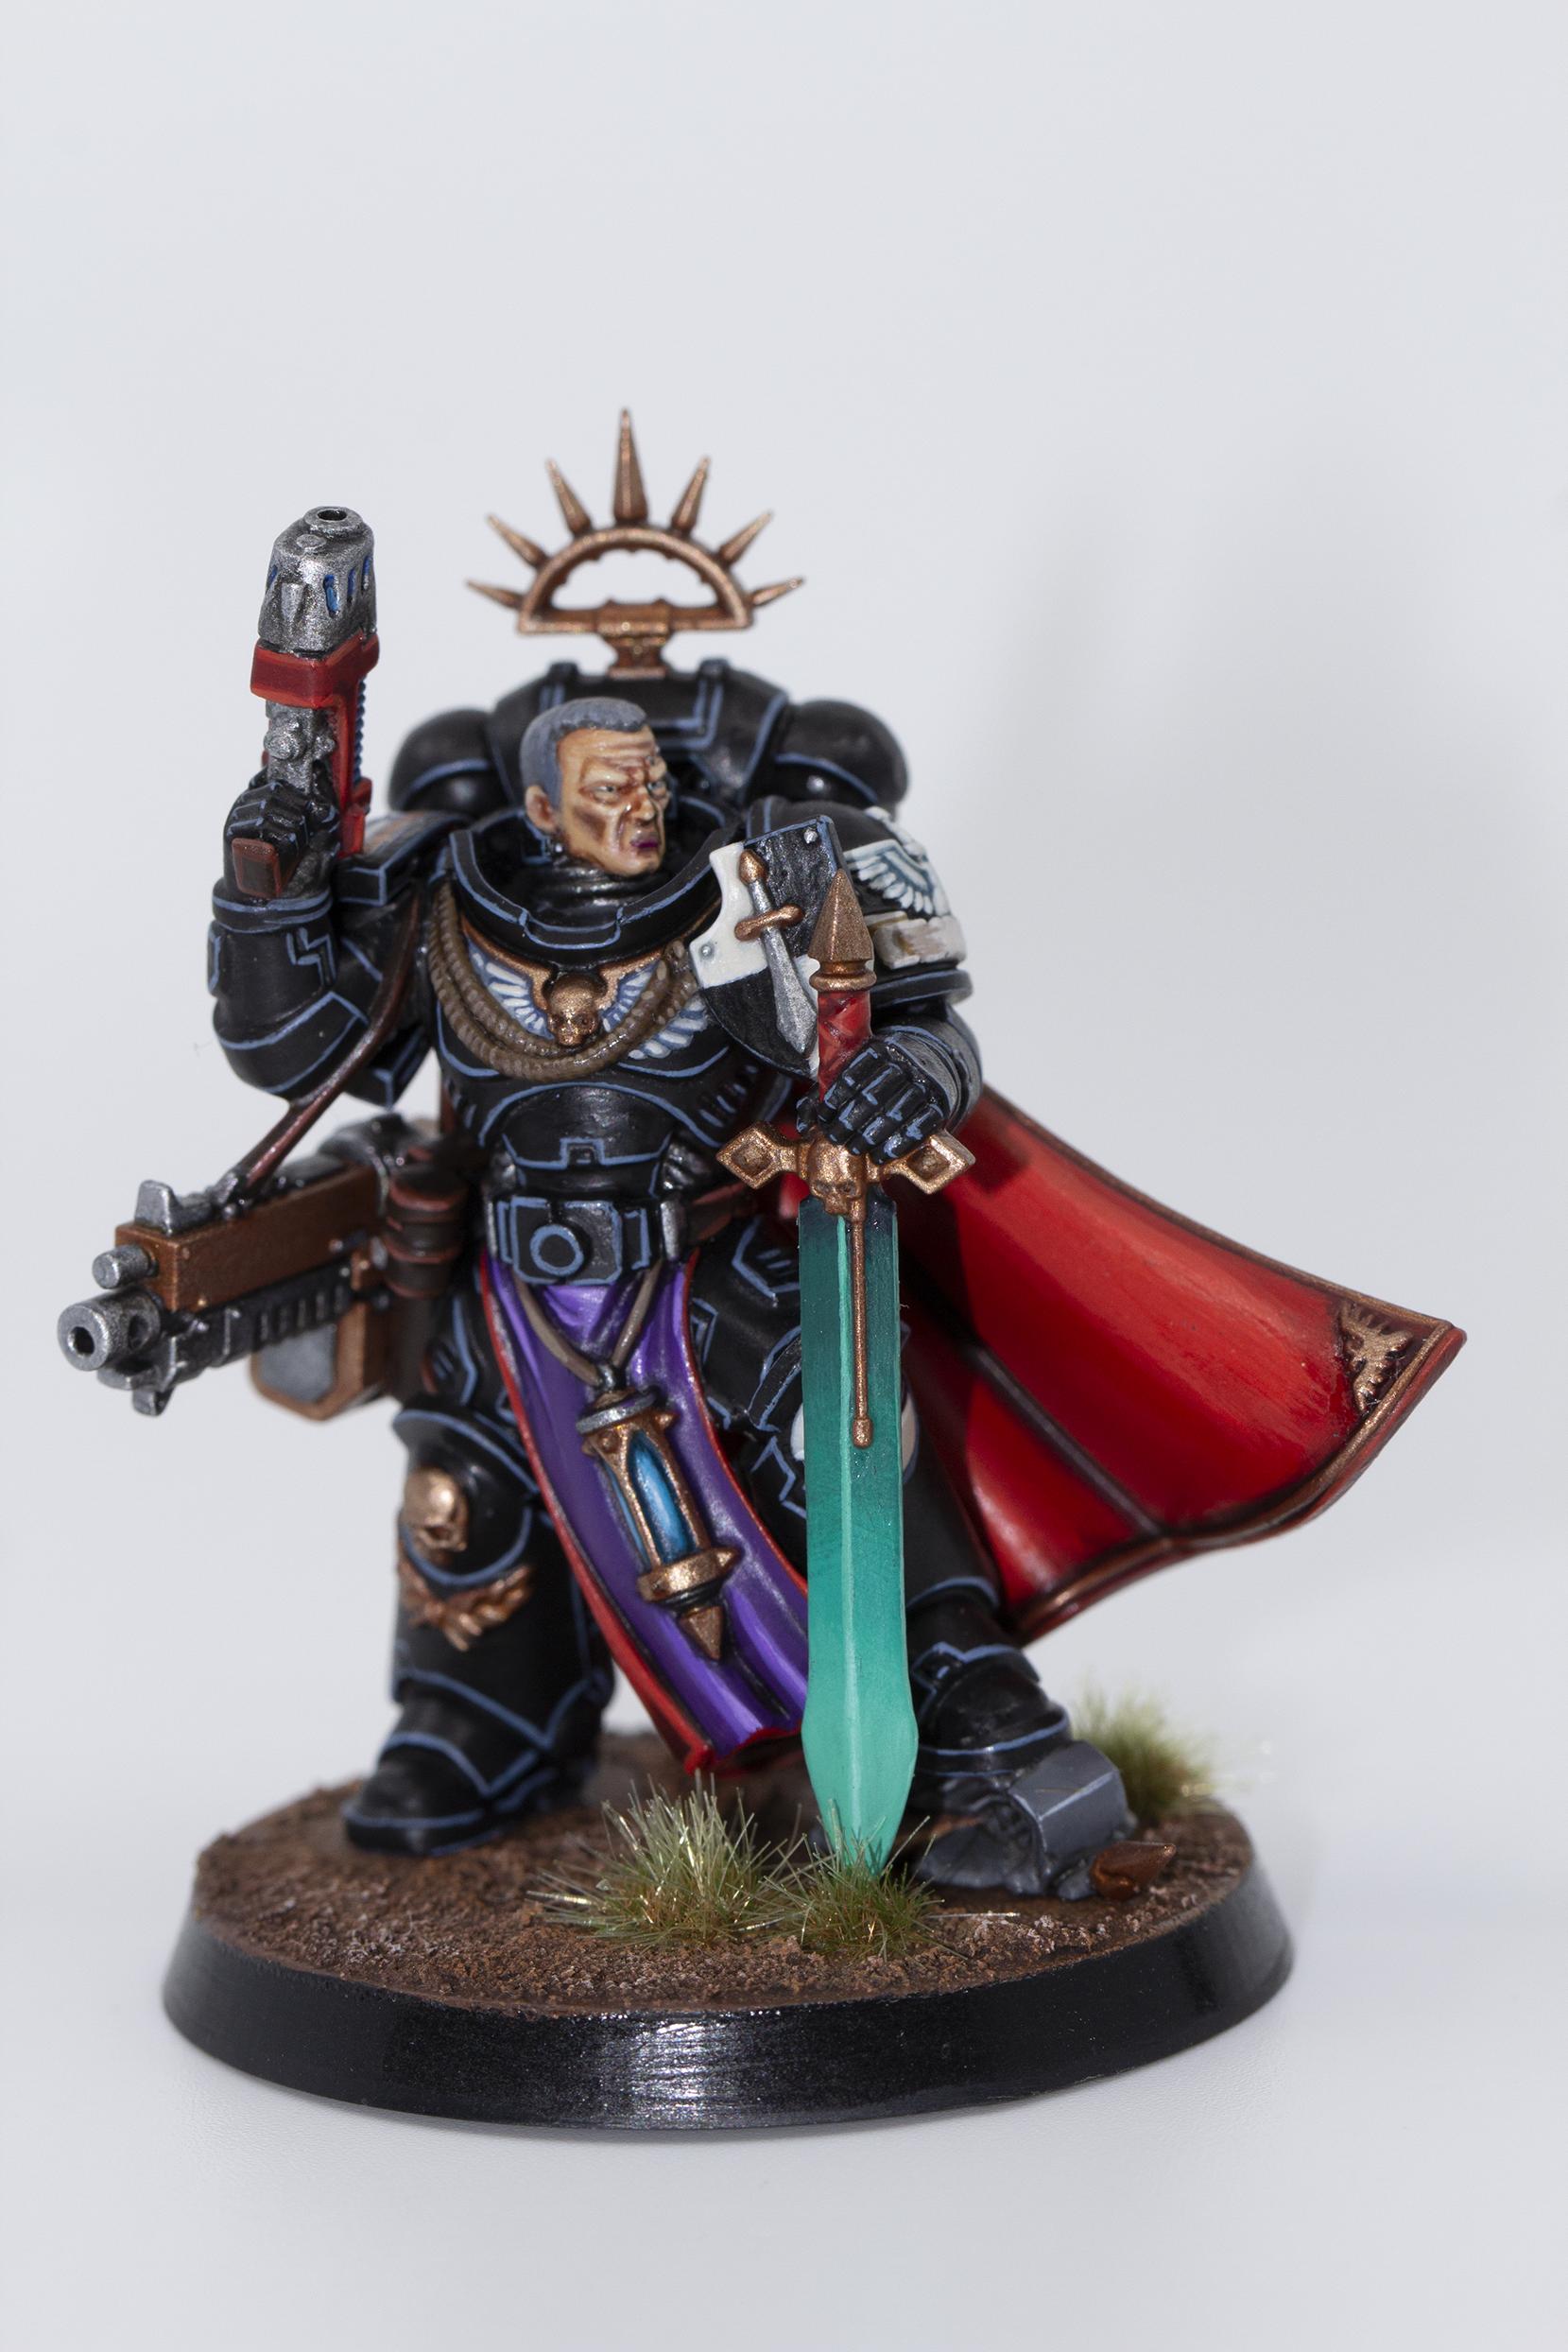 Dark Angels, Dark Angels Captain, Warhammer 40,000